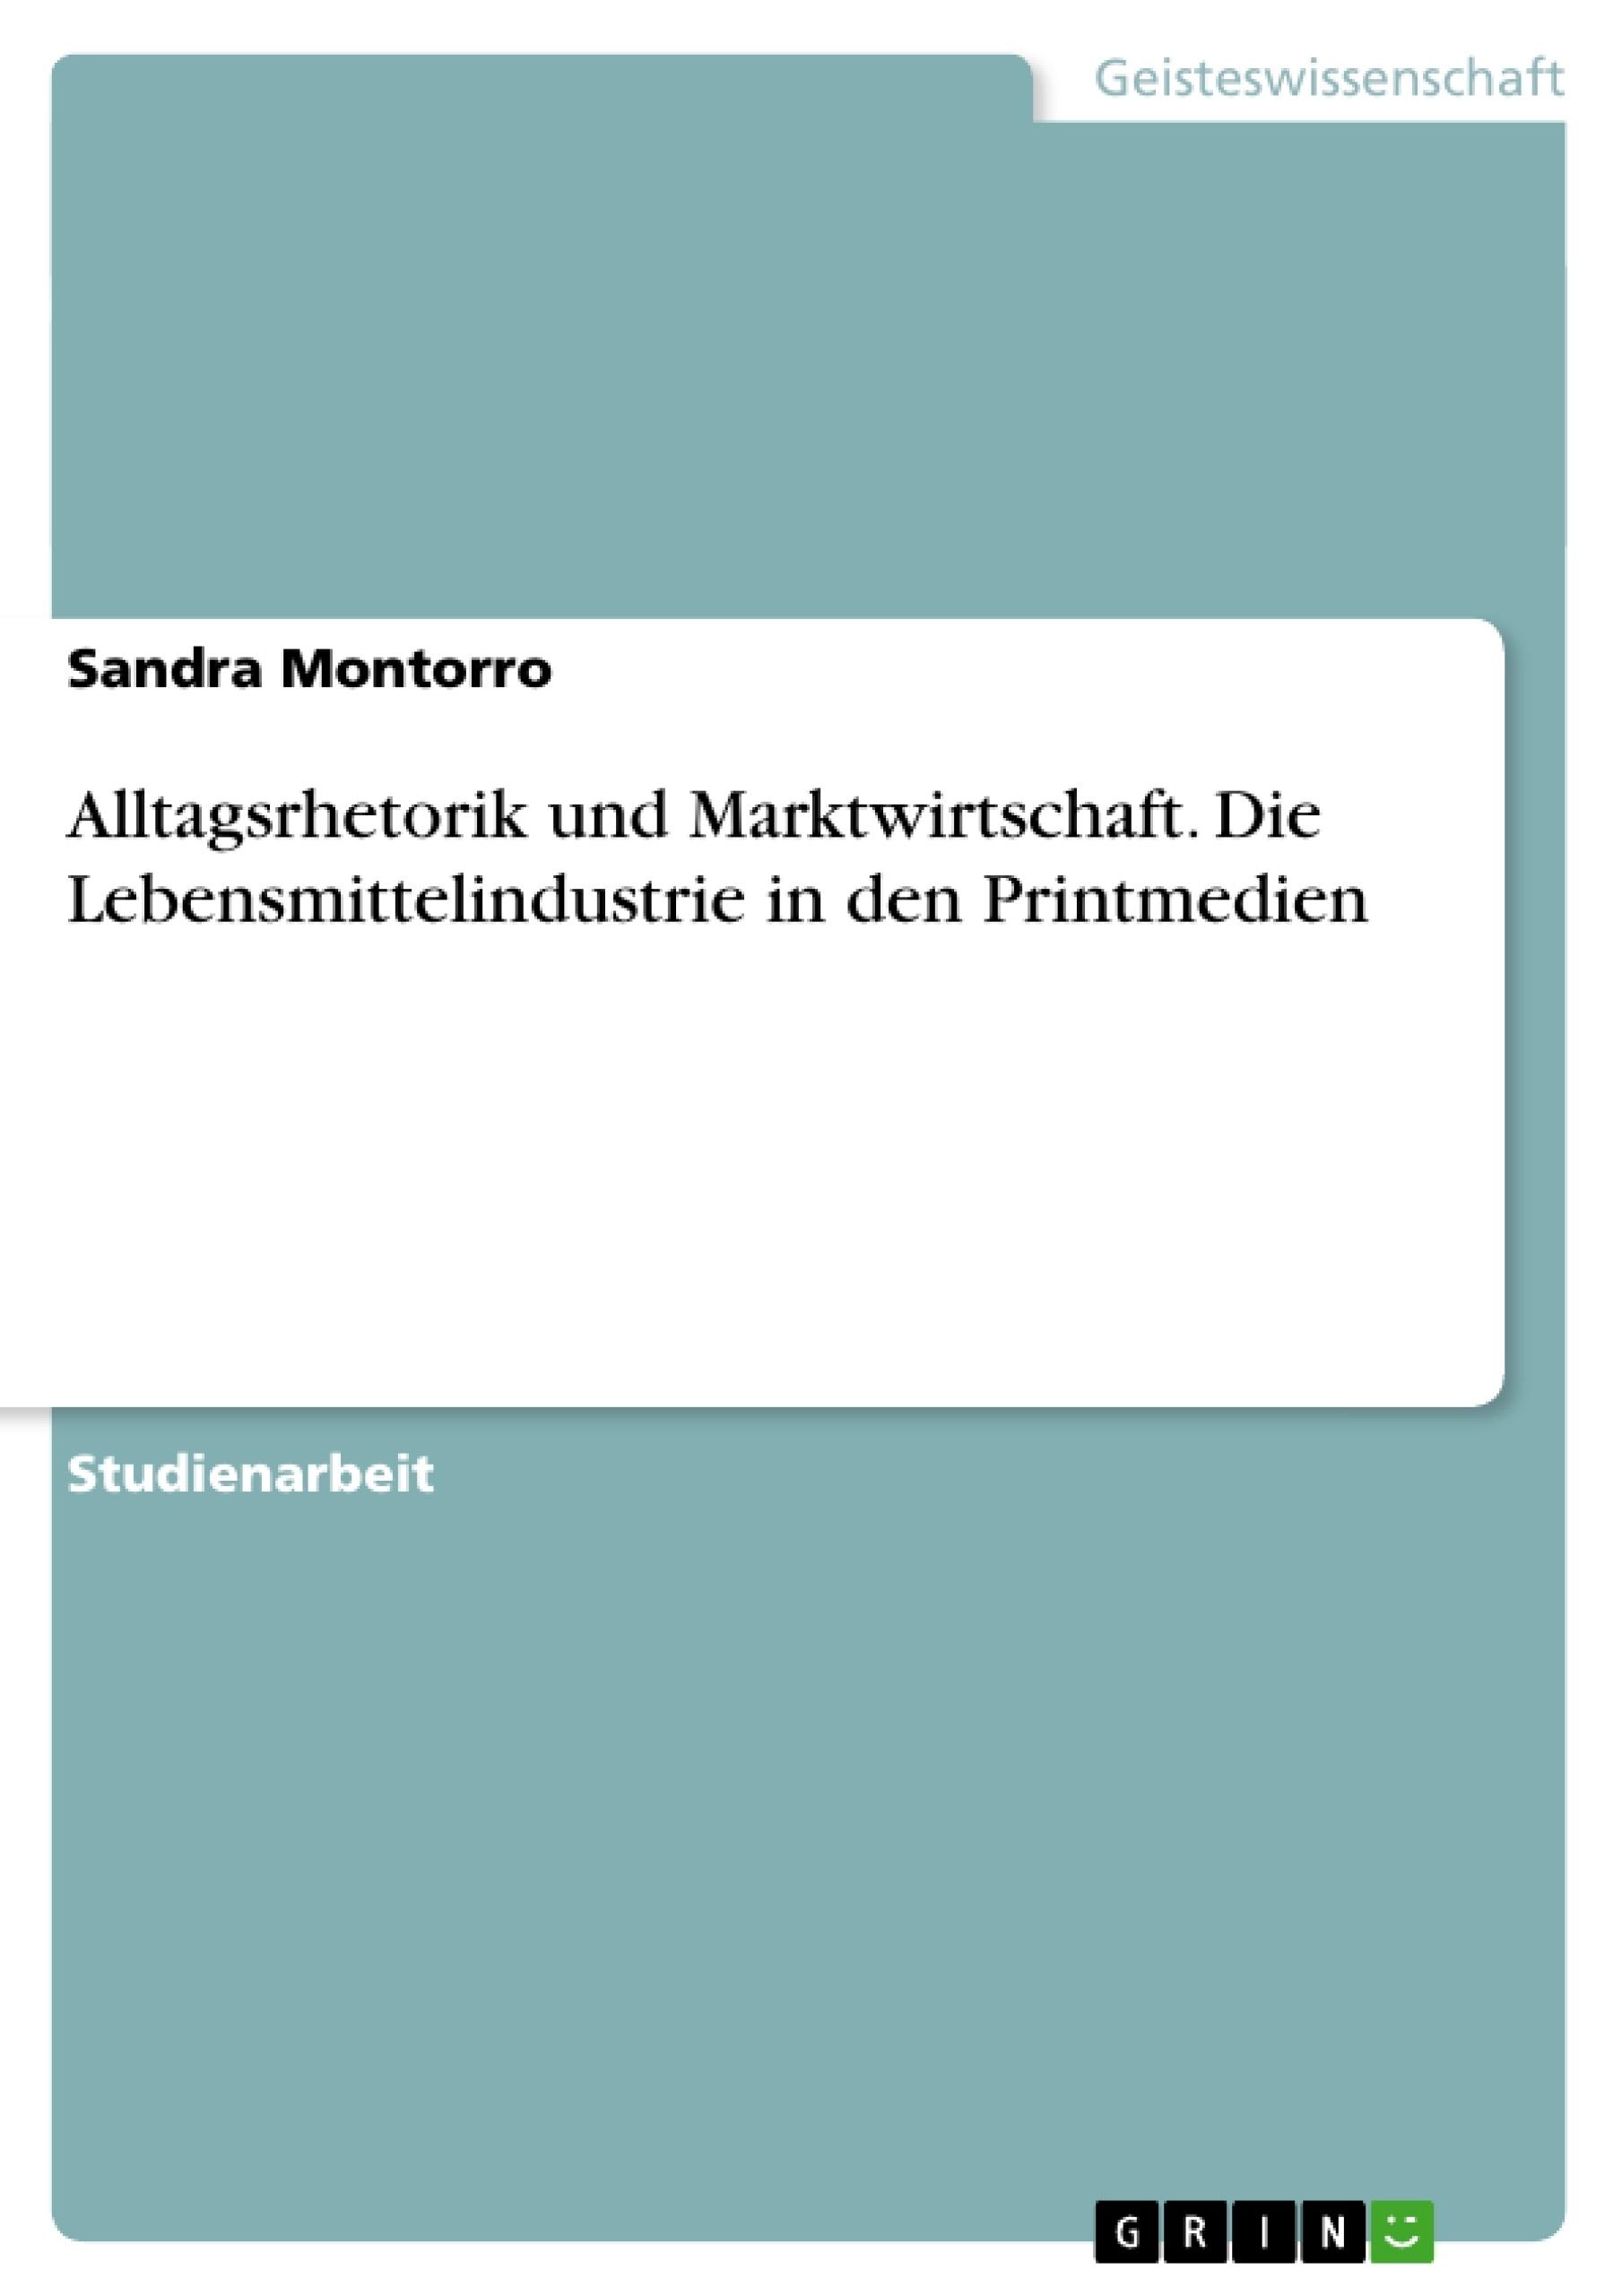 Titel: Alltagsrhetorik und Marktwirtschaft. Die Lebensmittelindustrie in den Printmedien